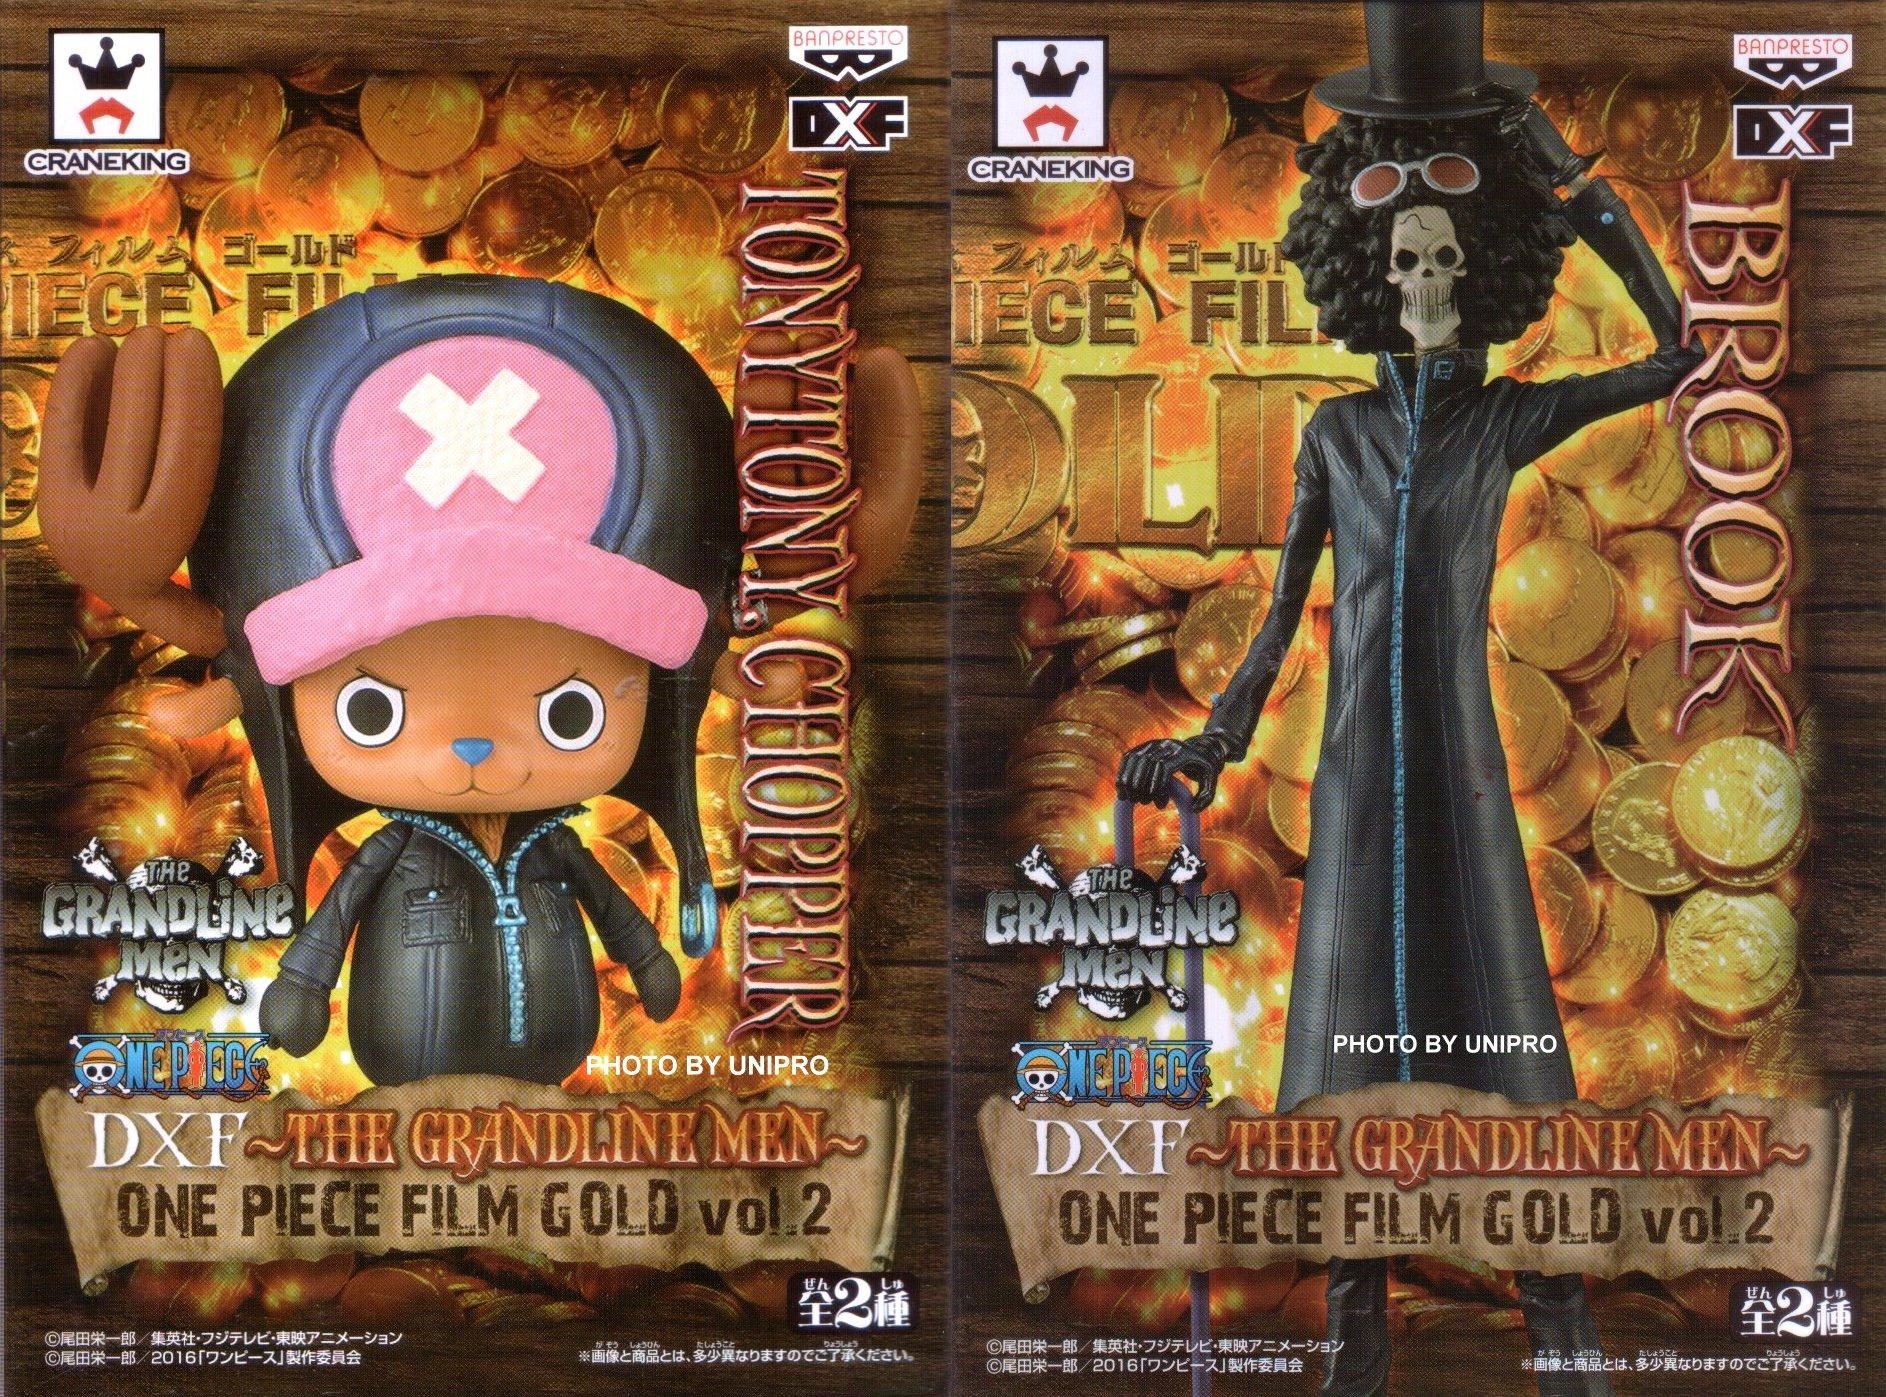 台灣代理版 電影版 DXF THE GRANDLINE MEN ONE PIECE FILM GOLD VOL.2 喬巴 + 布魯克 全2種 CHOPPER BROOK 海賊王 航海王 公仔